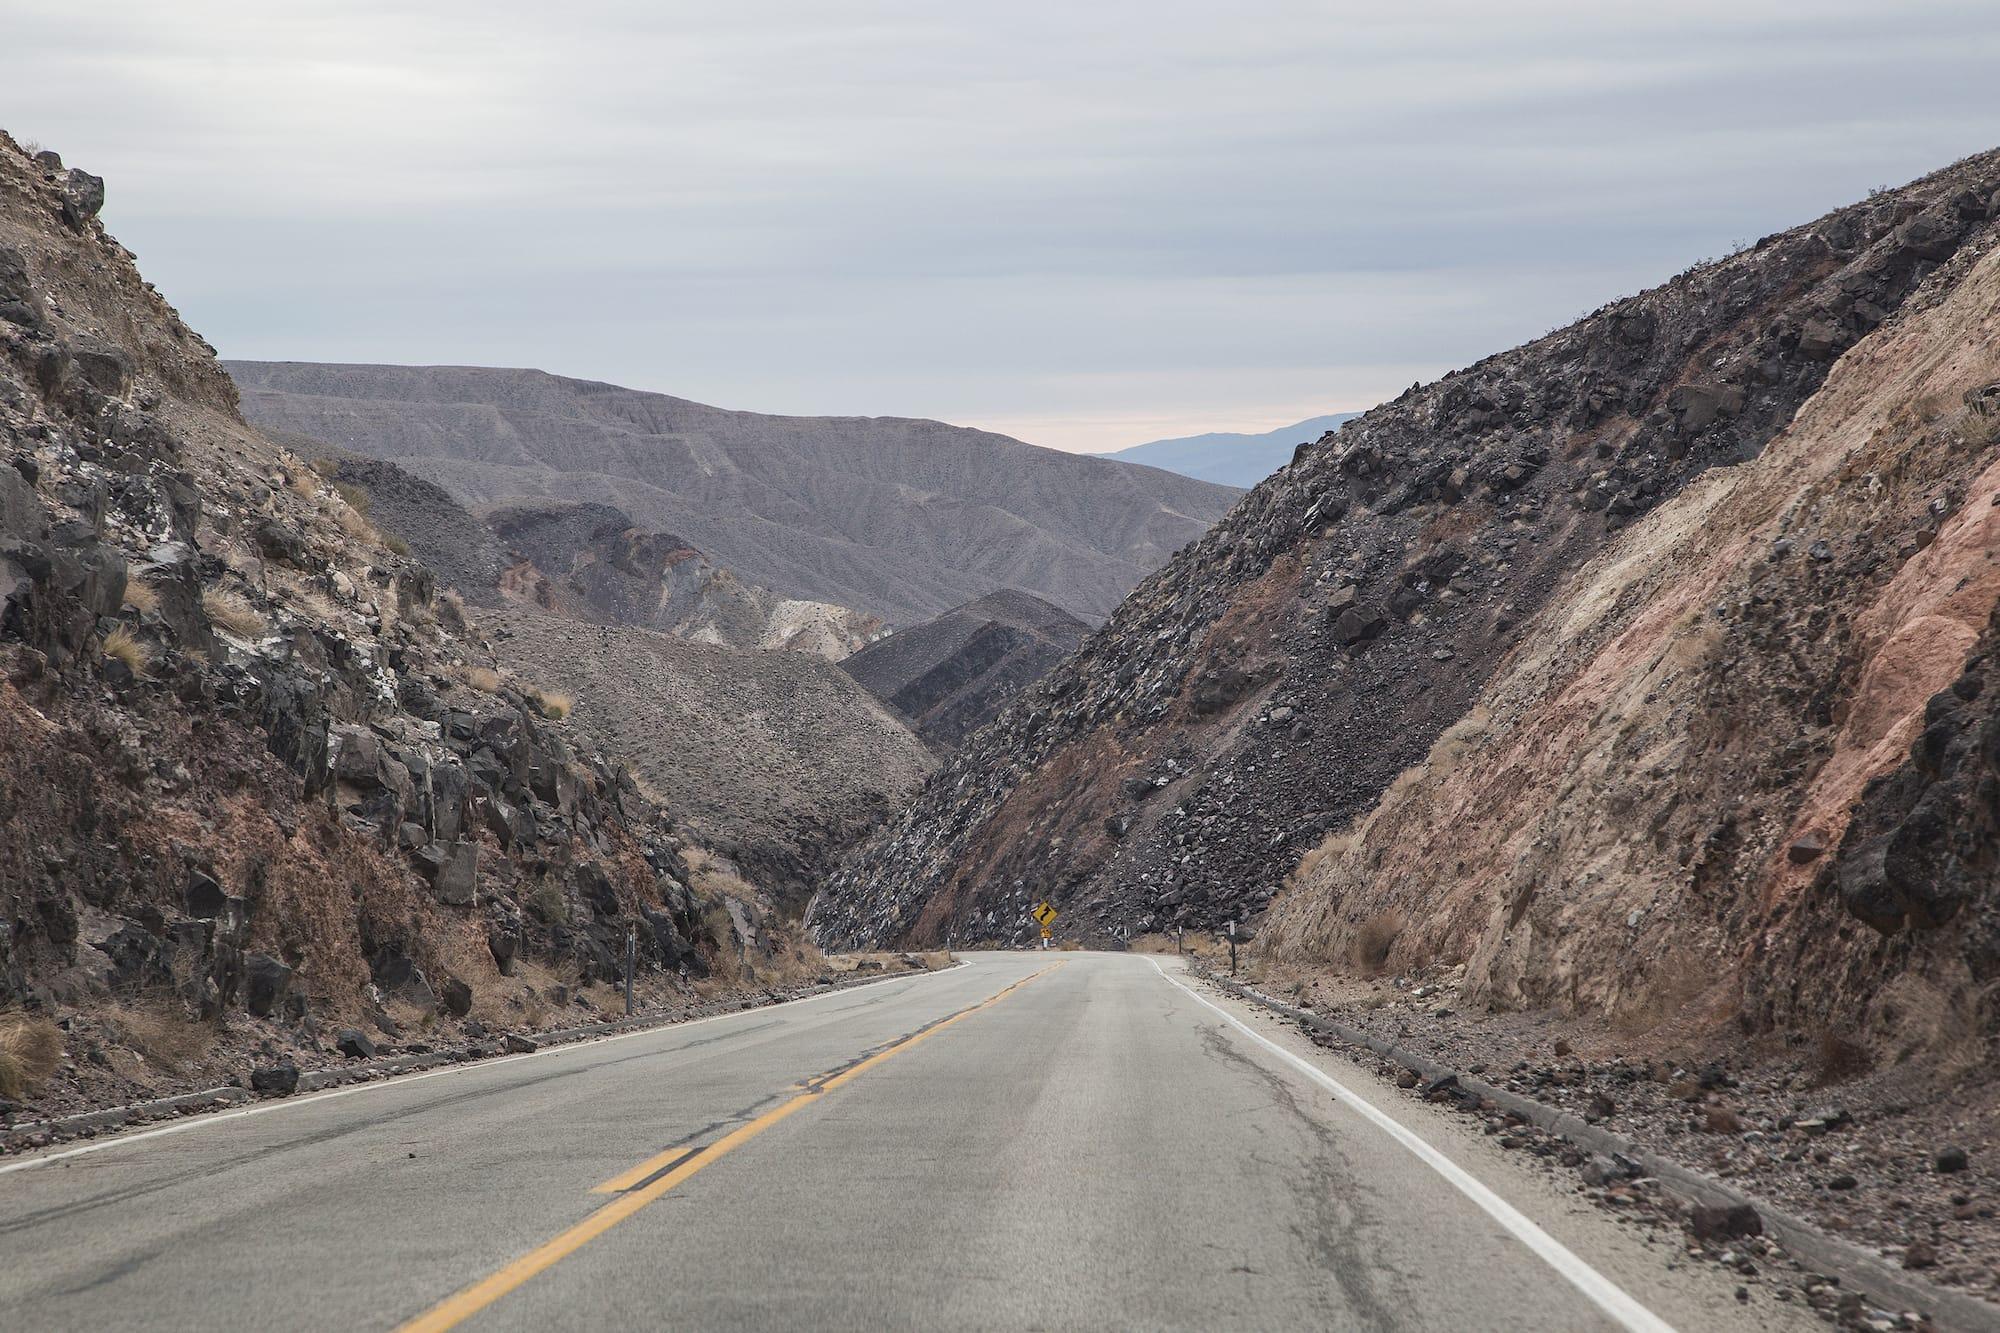 Wielki Kanion i Dolina Smierci Tomek Szykulski 9